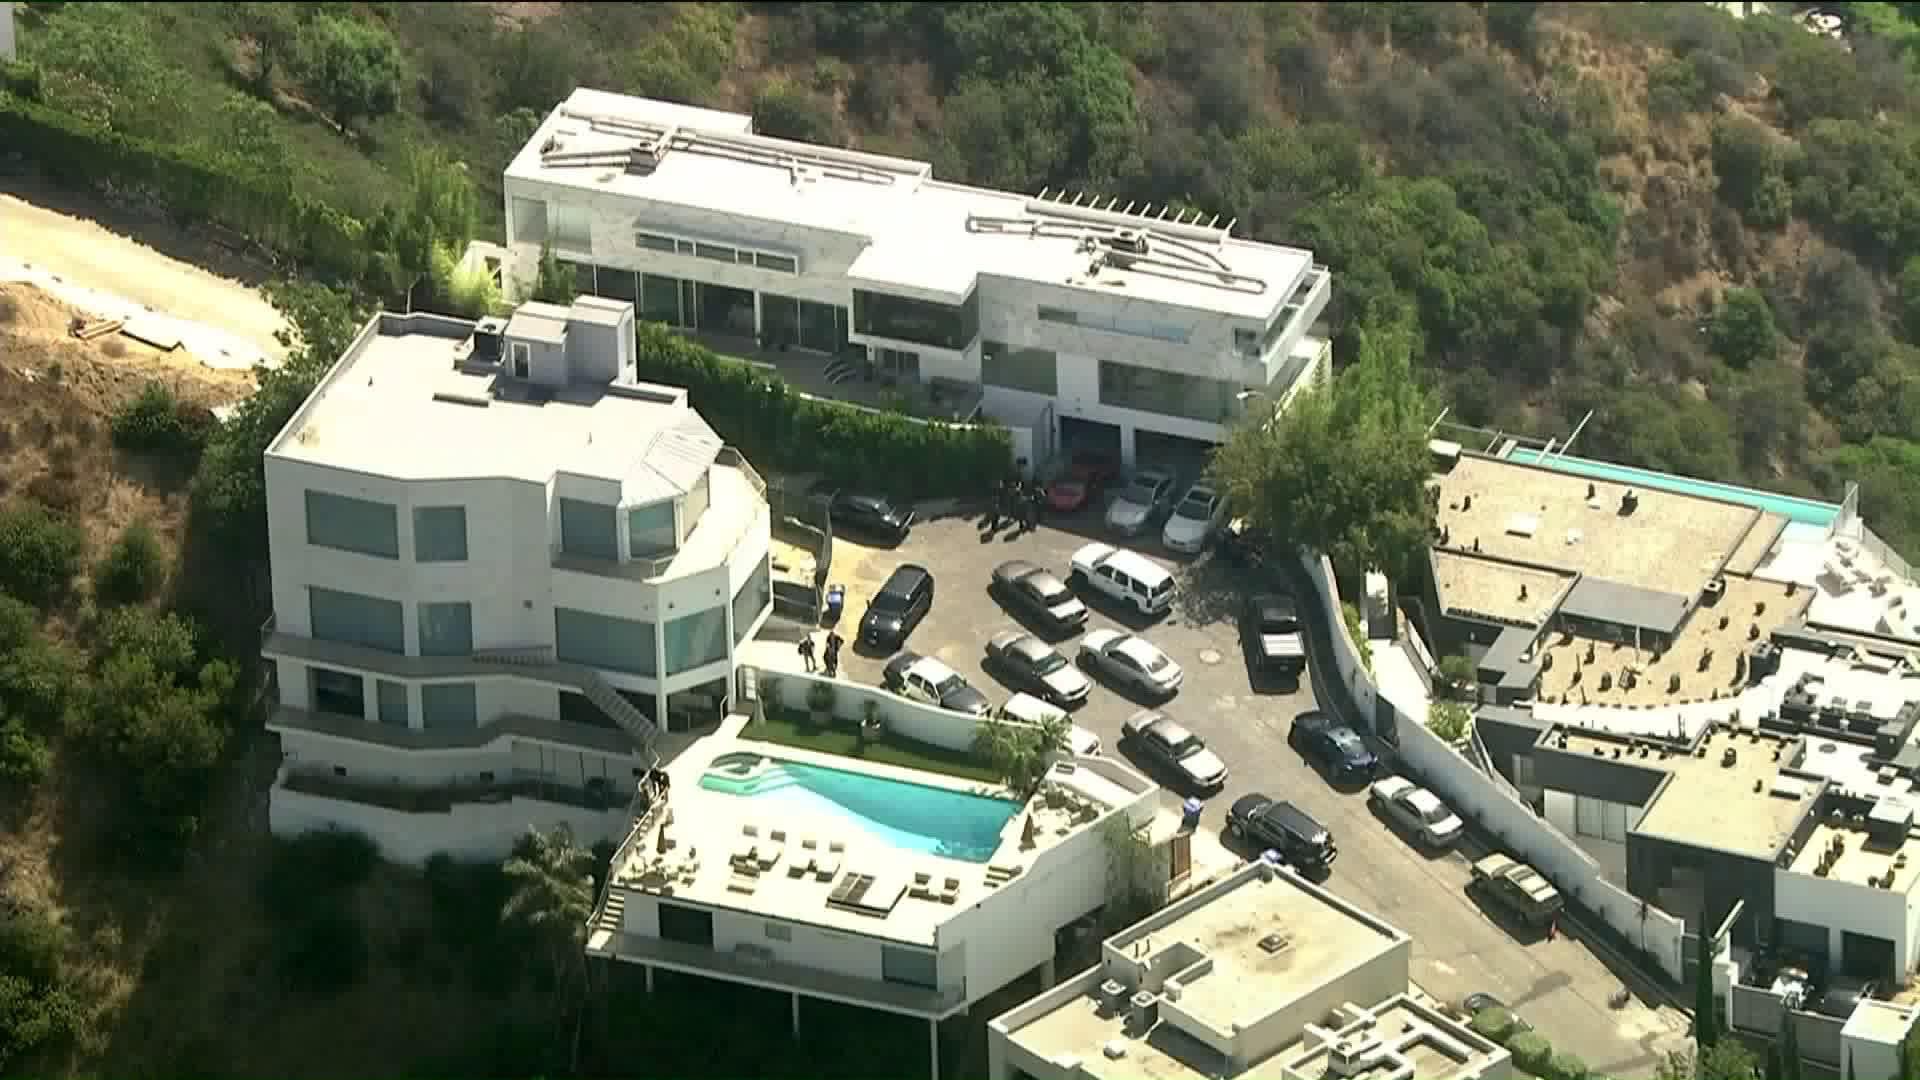 Image result for rapper yg house Hollywood Hills